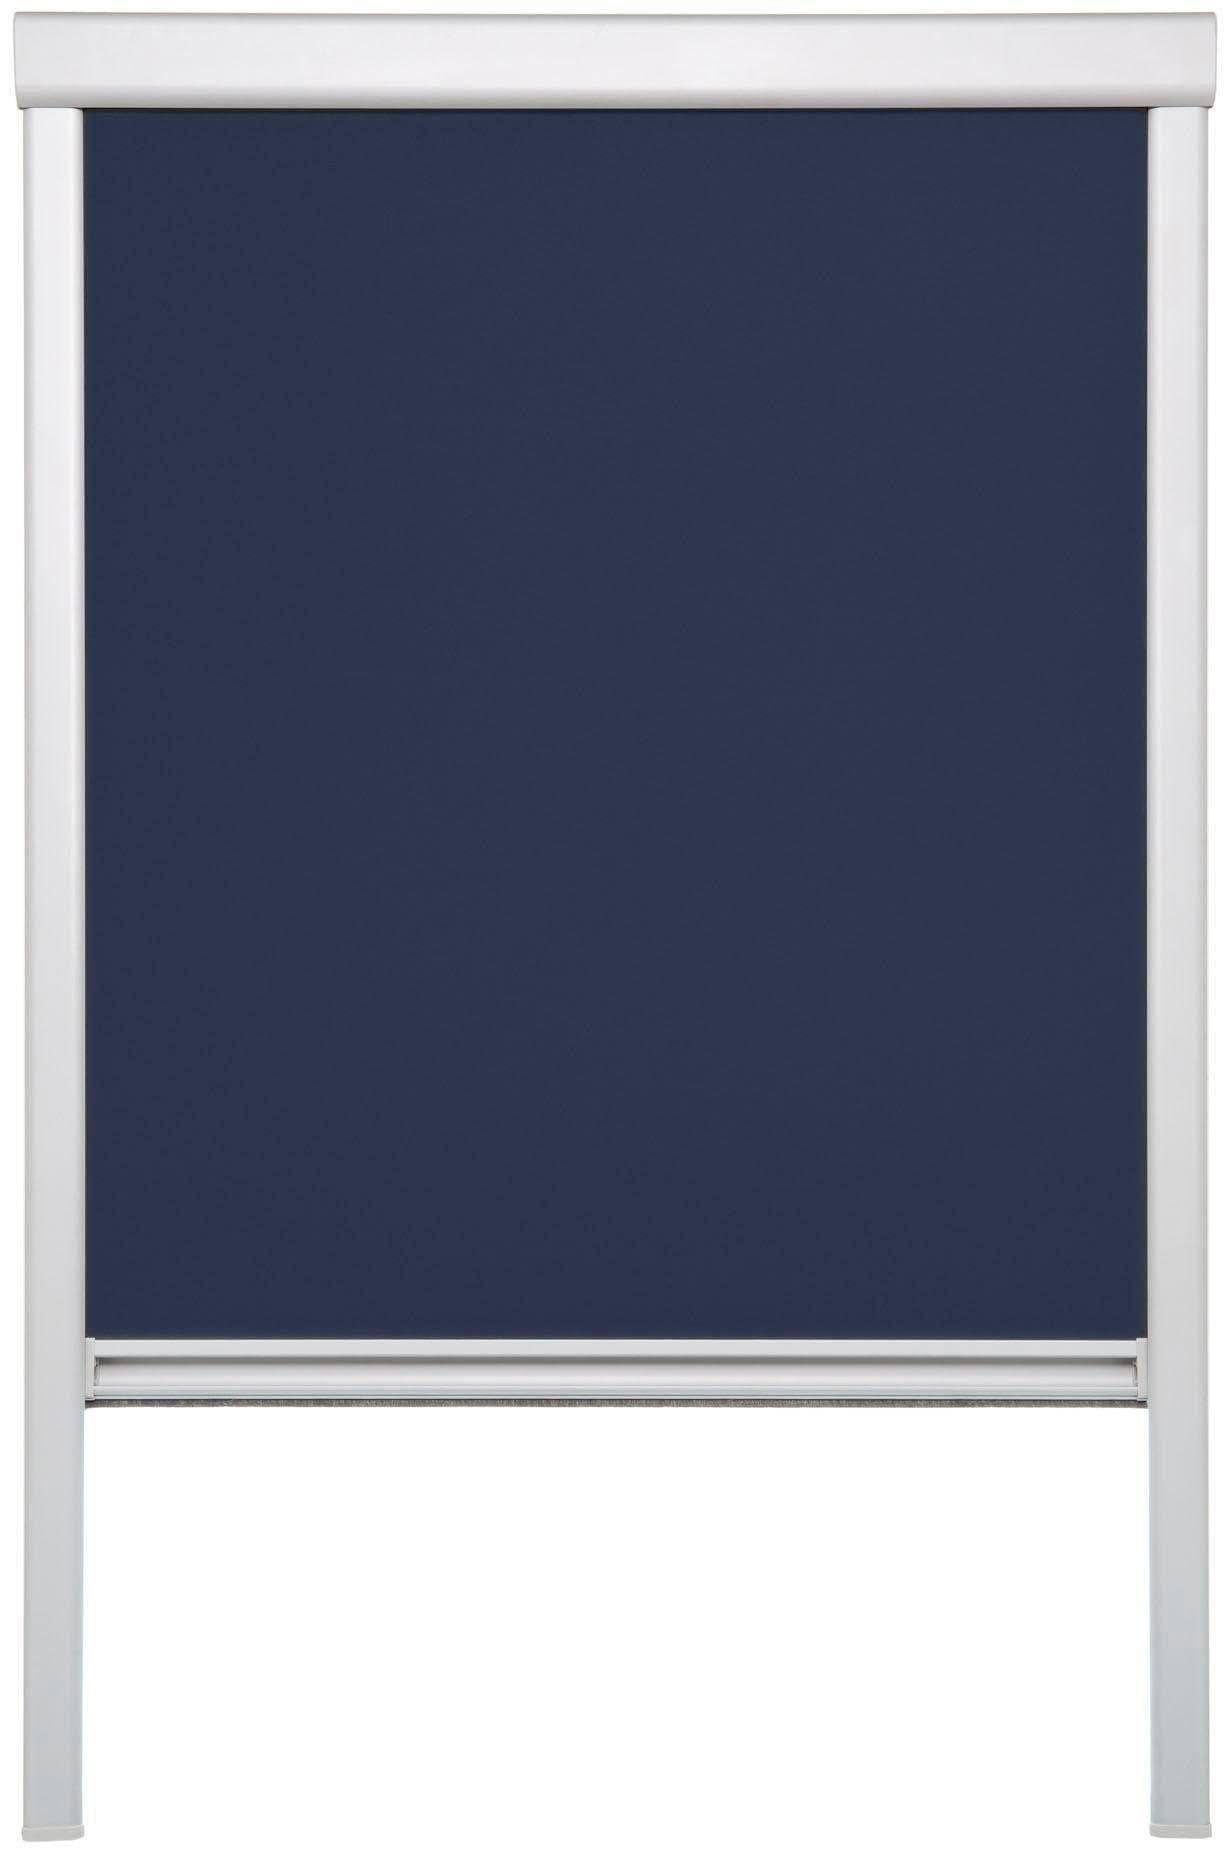 Image of Dachfensterrollo »Skylight«, LICHTBLICK, verdunkelnd, in Führungsschienen